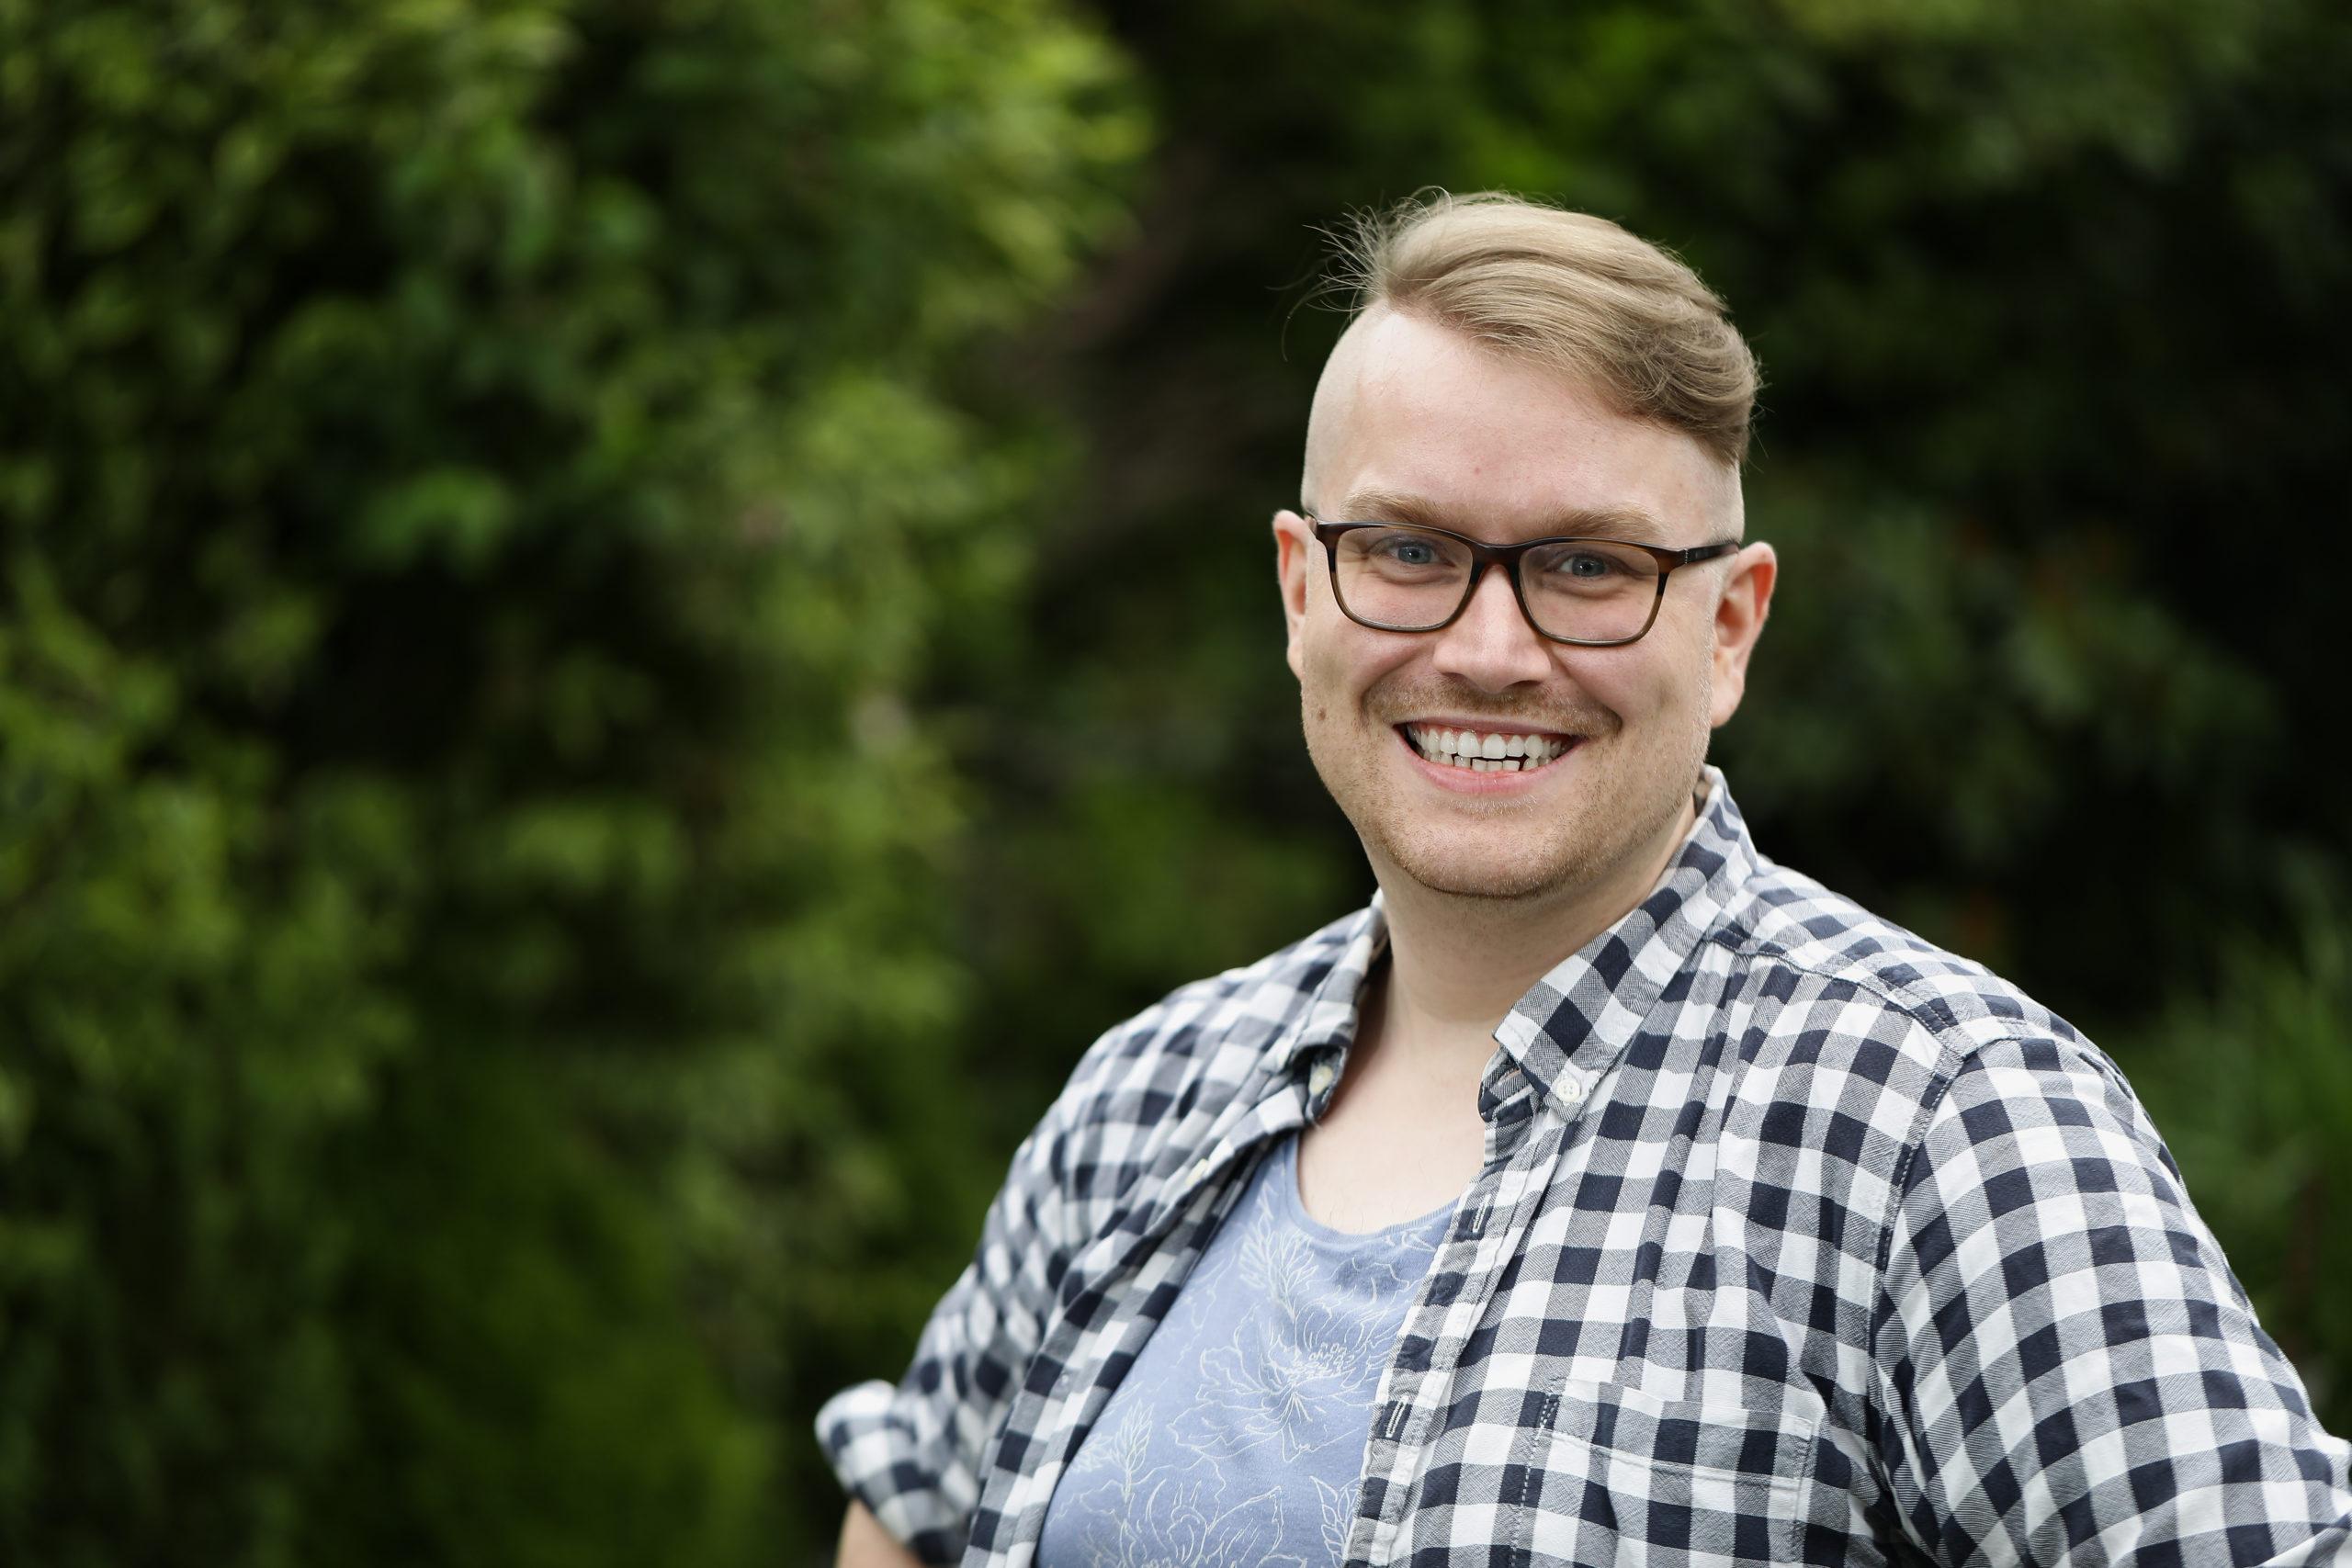 Direktkandidat Michael Philipp Lange